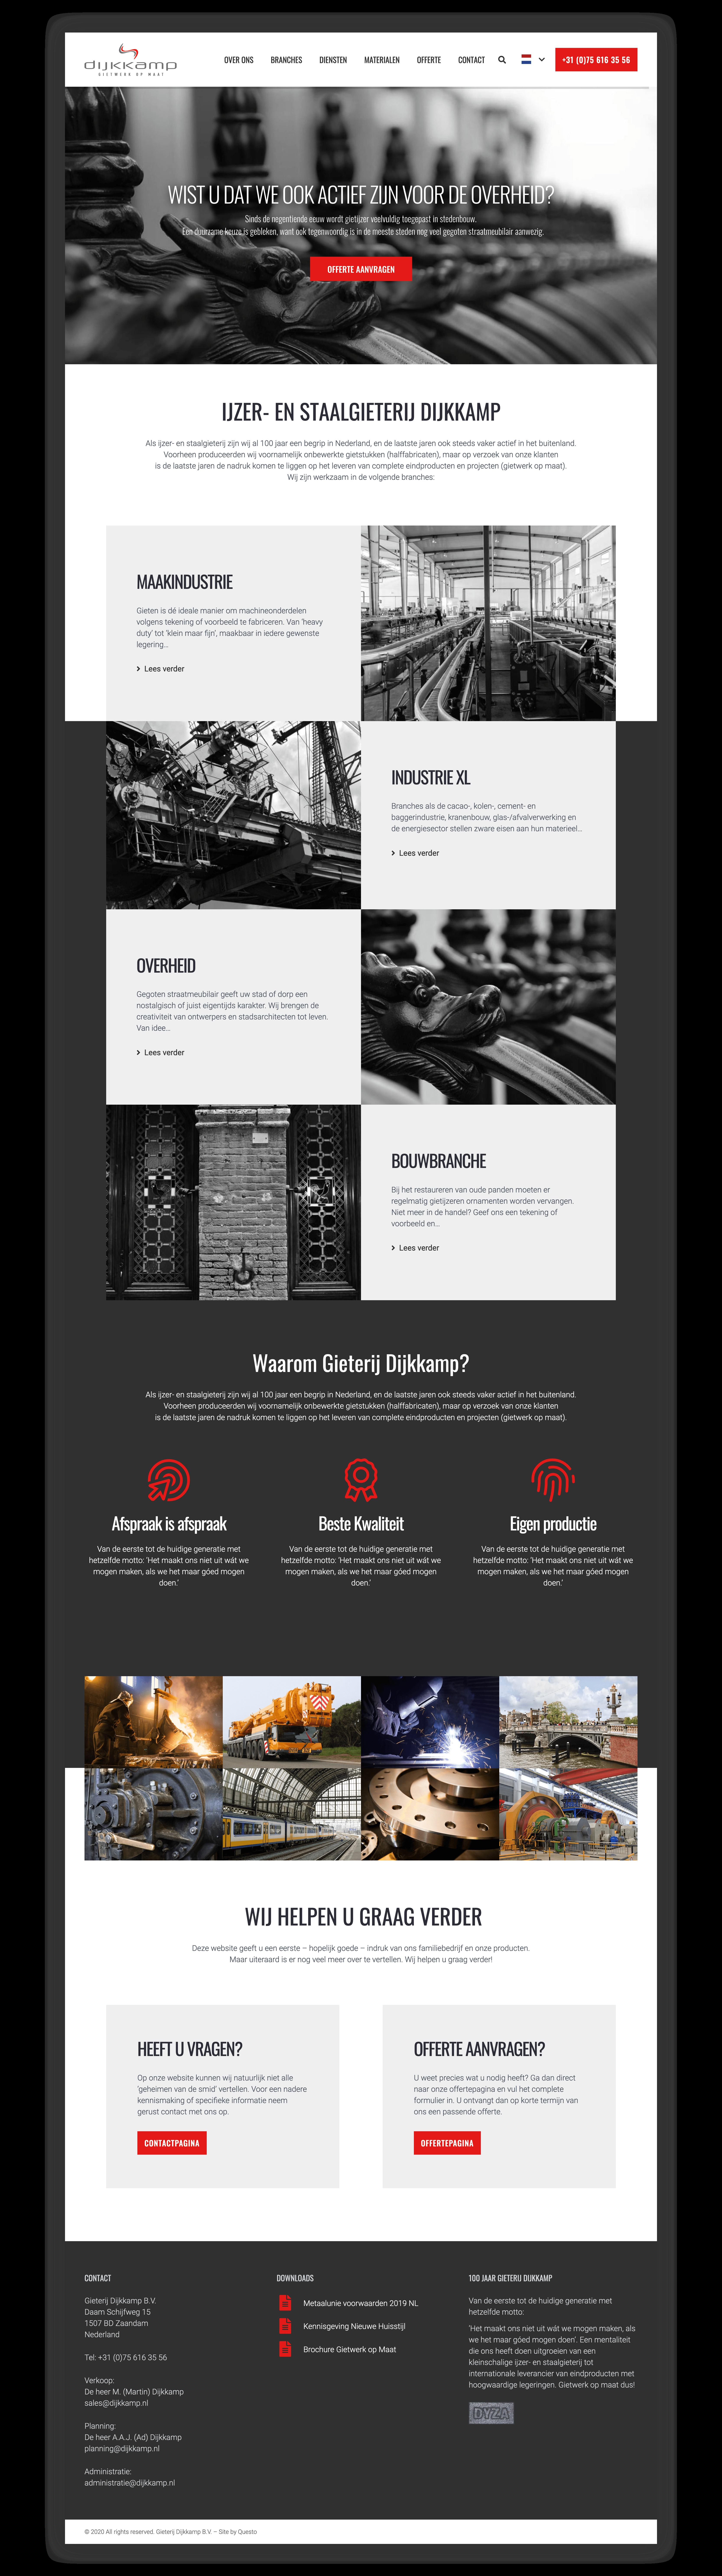 Website Gieterij Dijkkamp - Homepage